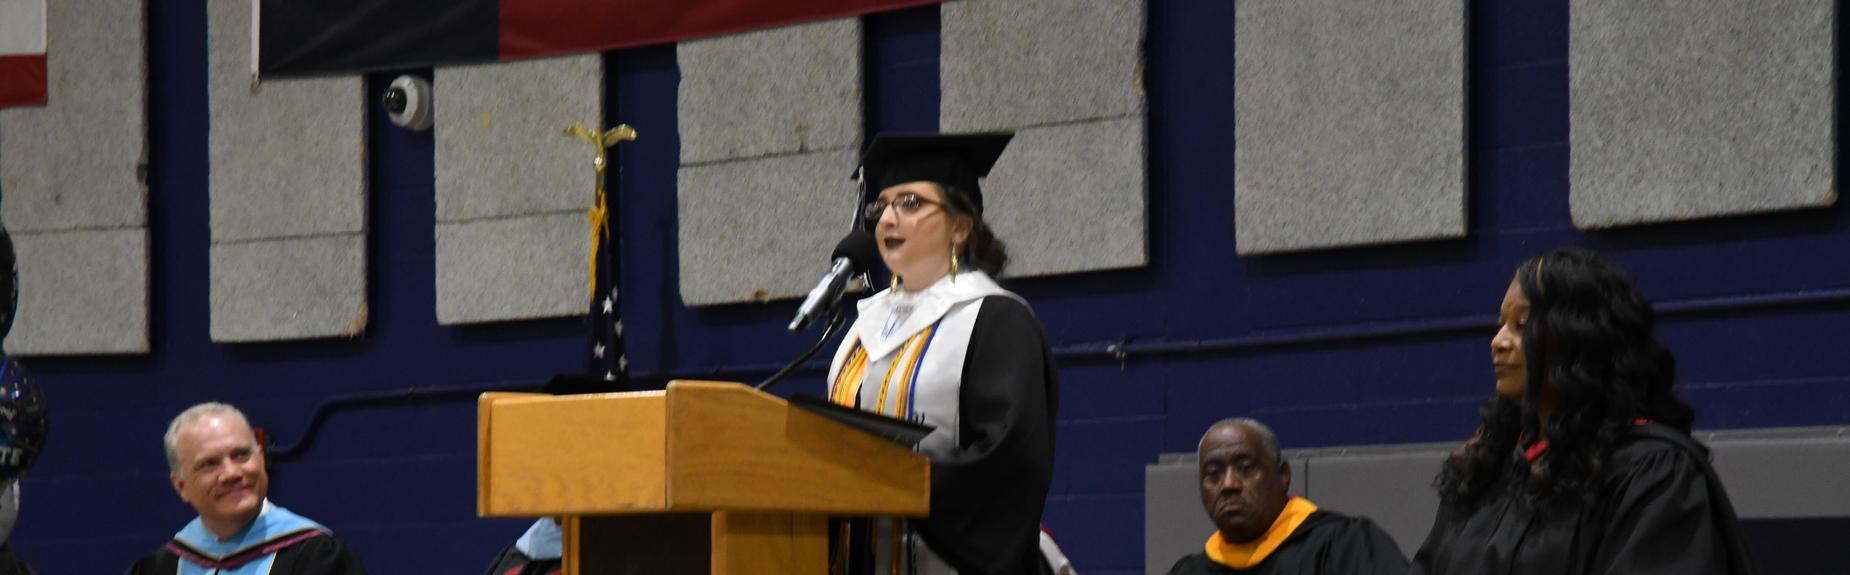 Class 2021 Speech